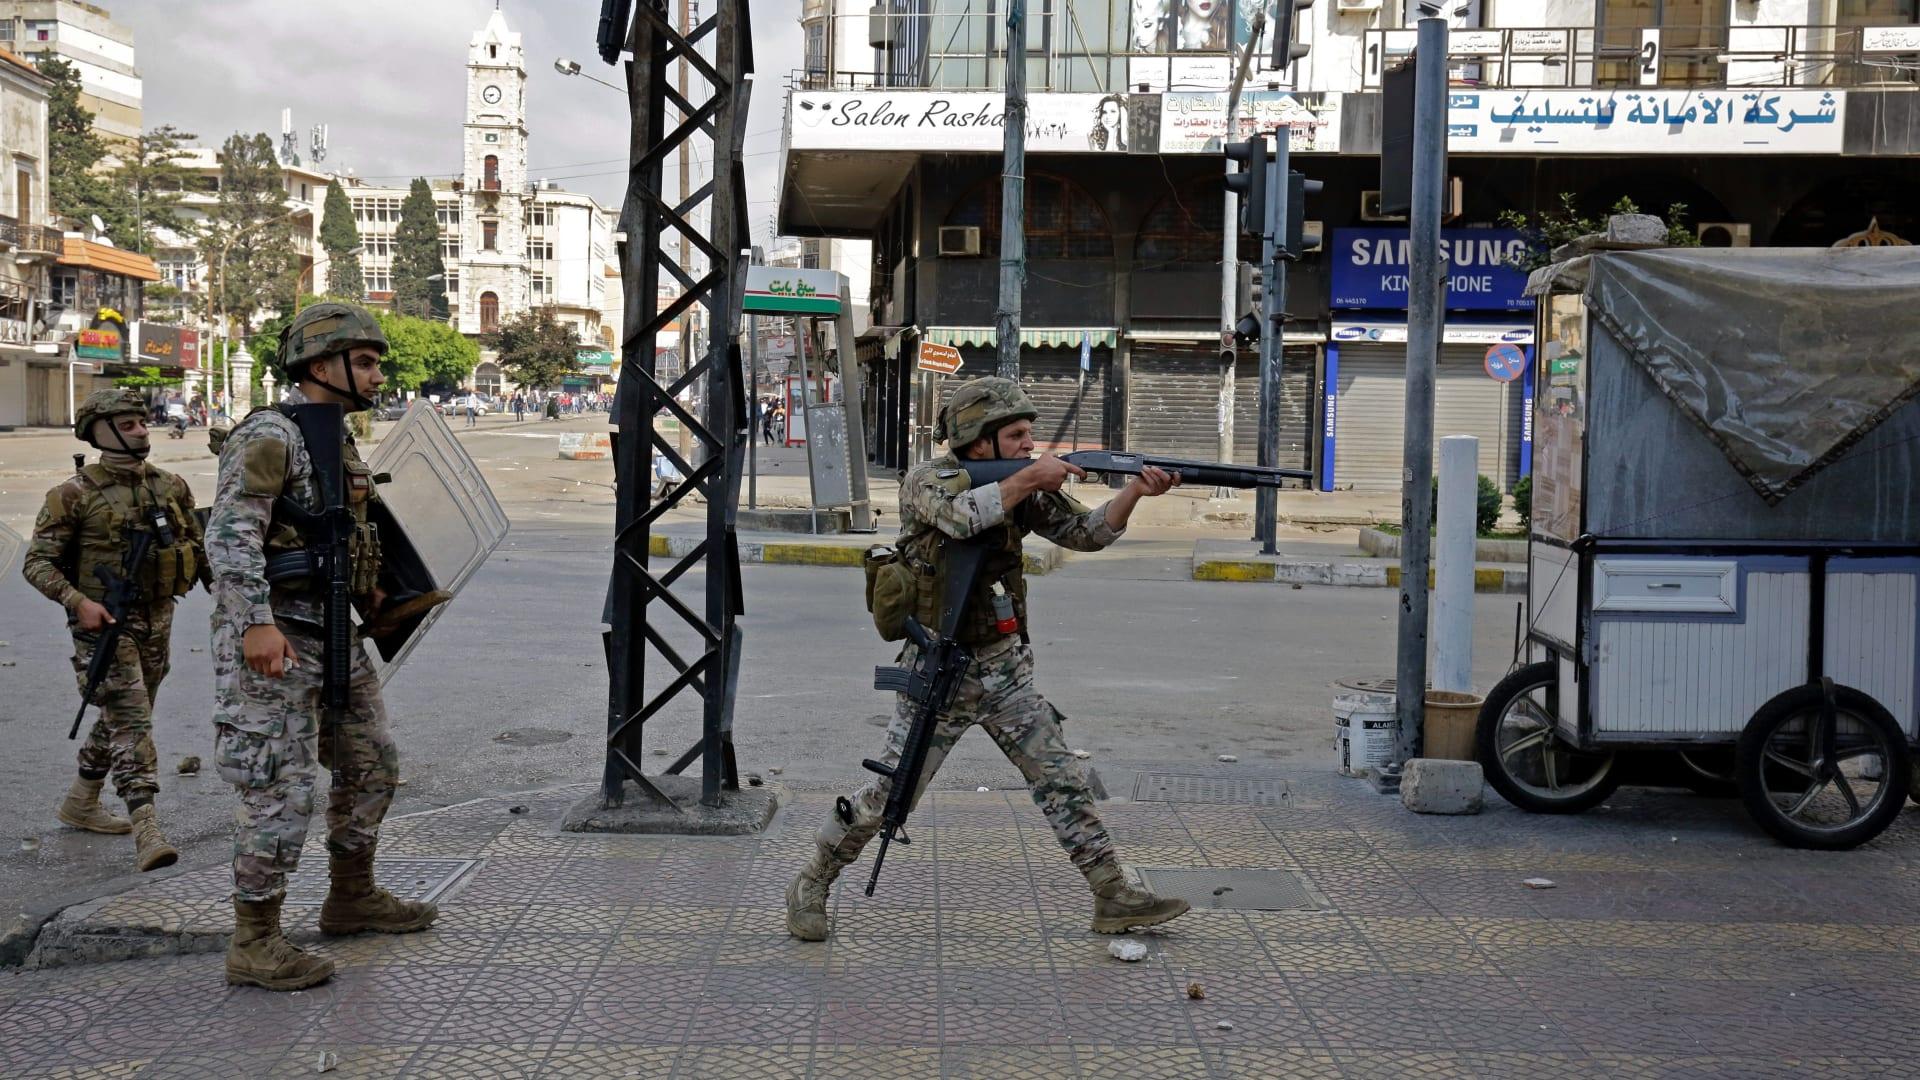 رئيس وزراء لبنان: من الطبيعي أن يخرج الناس للشوارع ويفجروا غضبهم مجددا